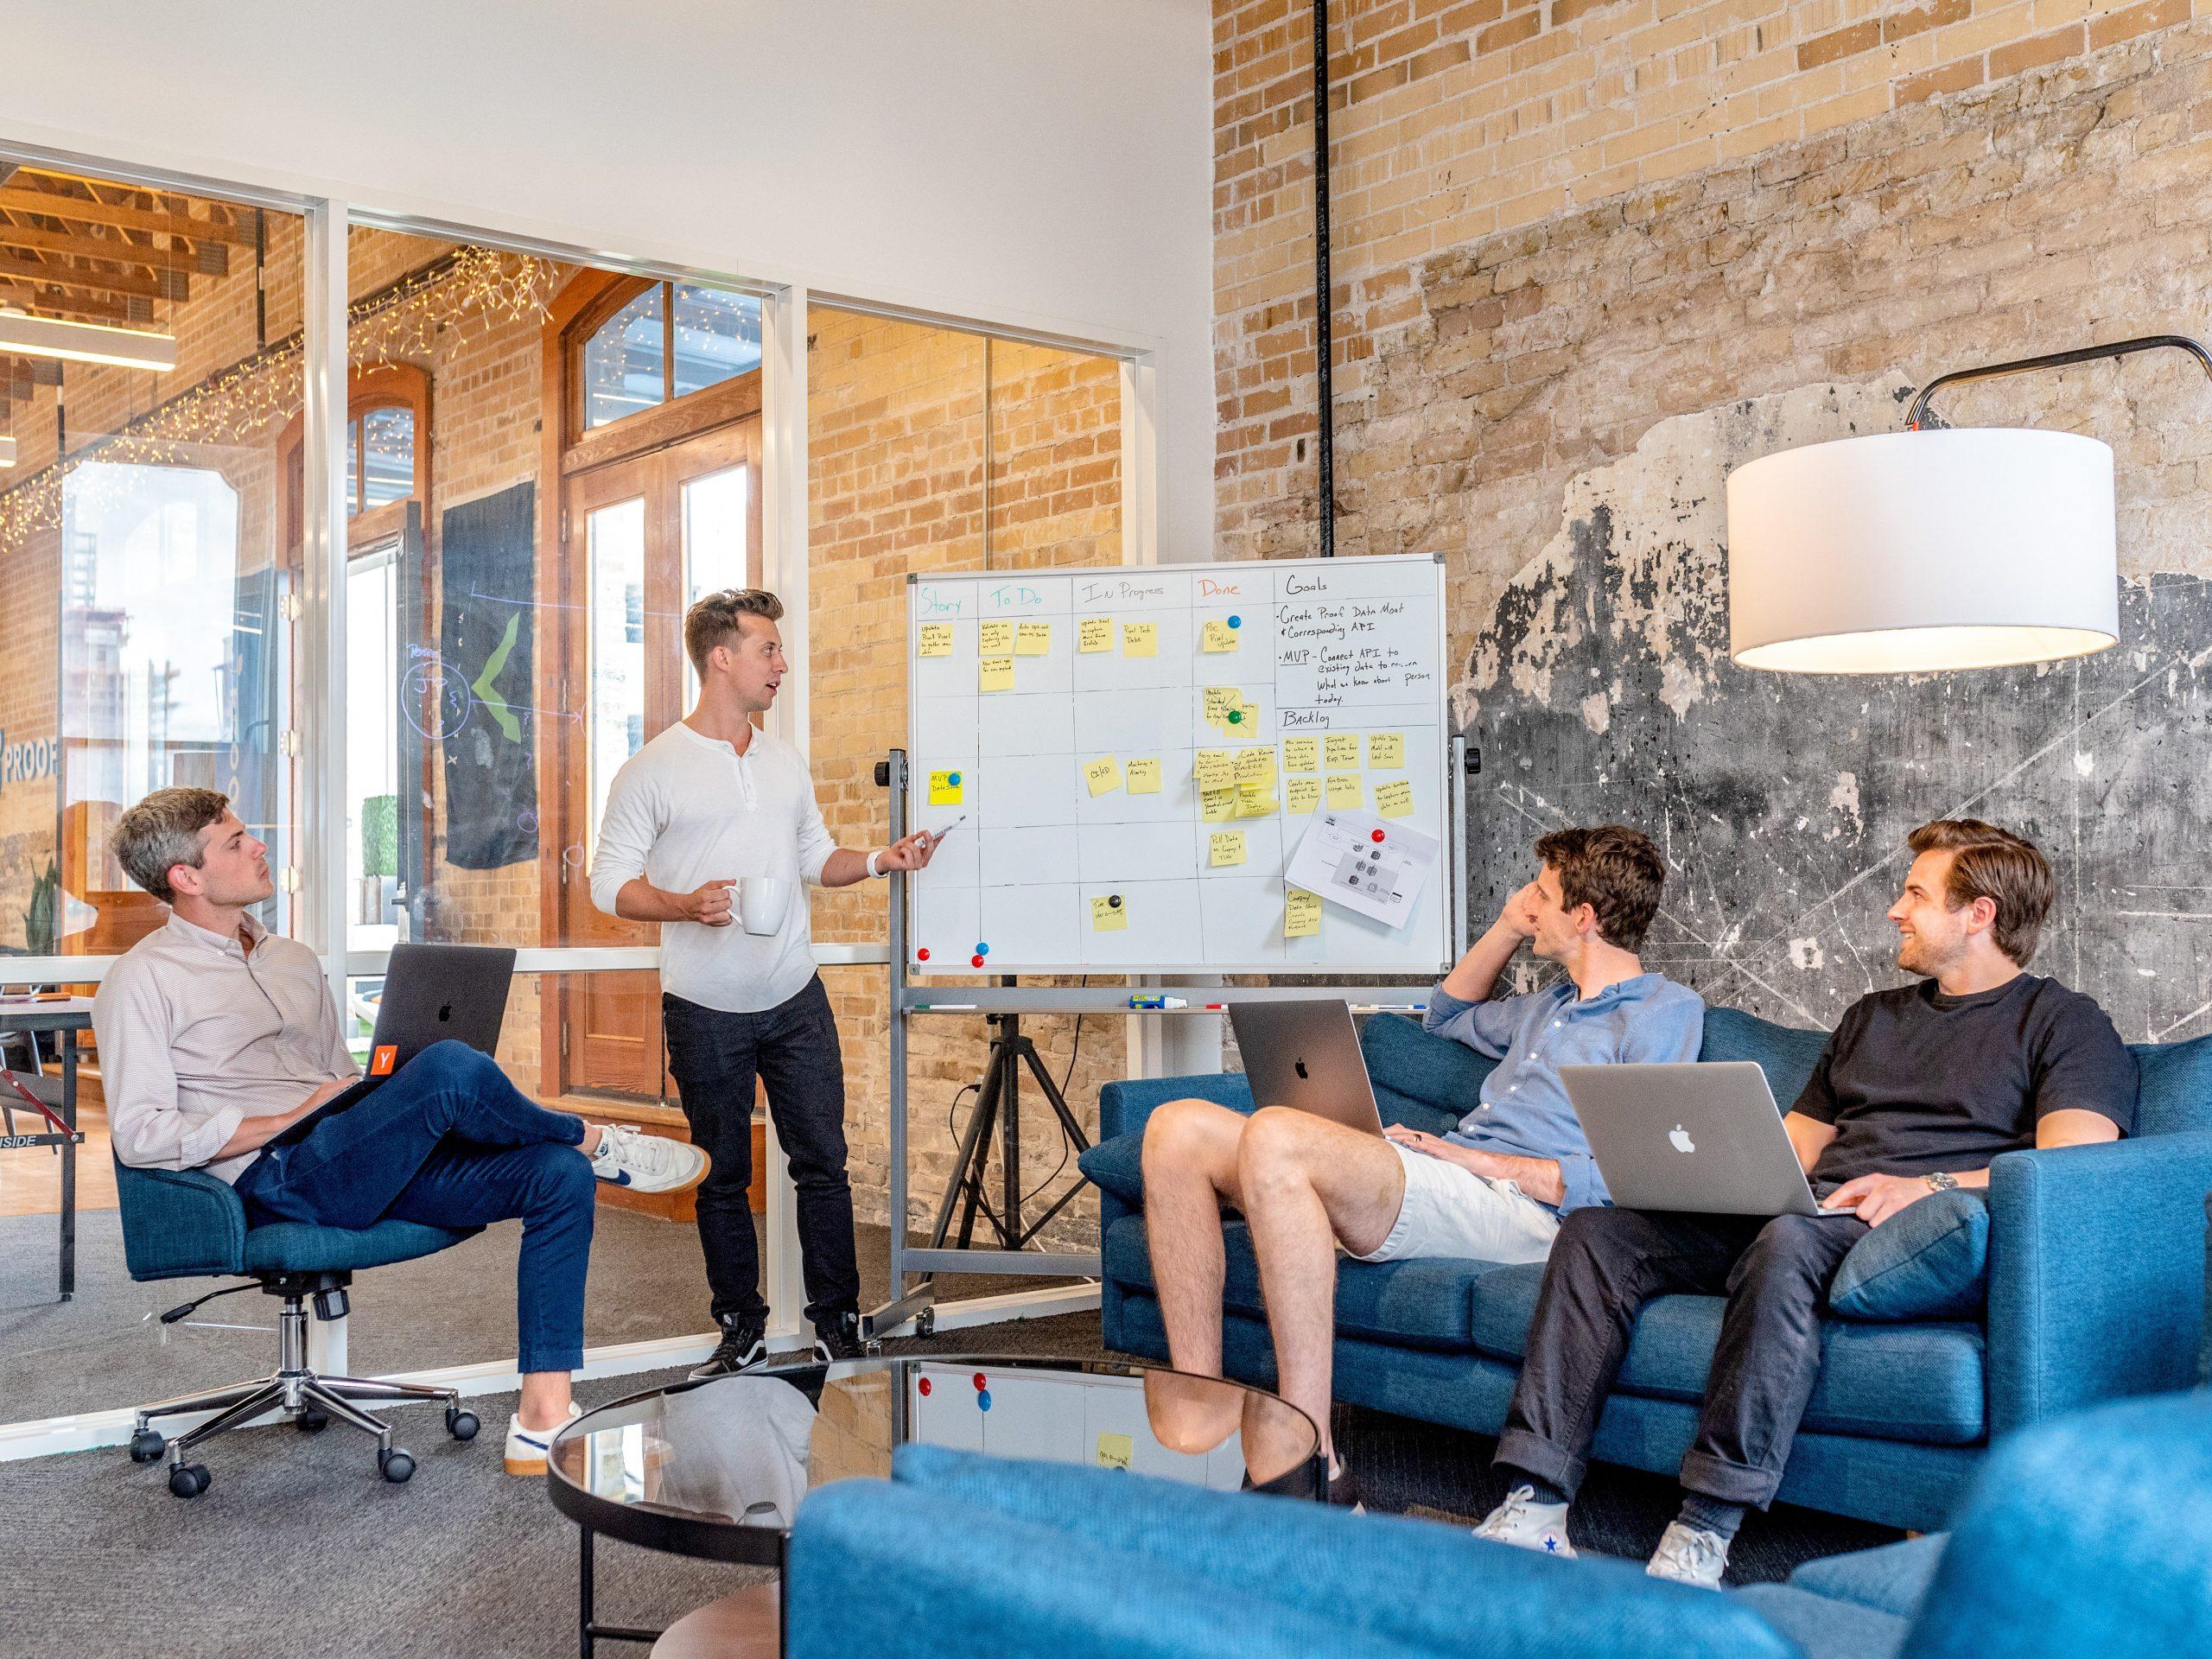 Les 5 étapes clés pour lancer une entreprise de coaching